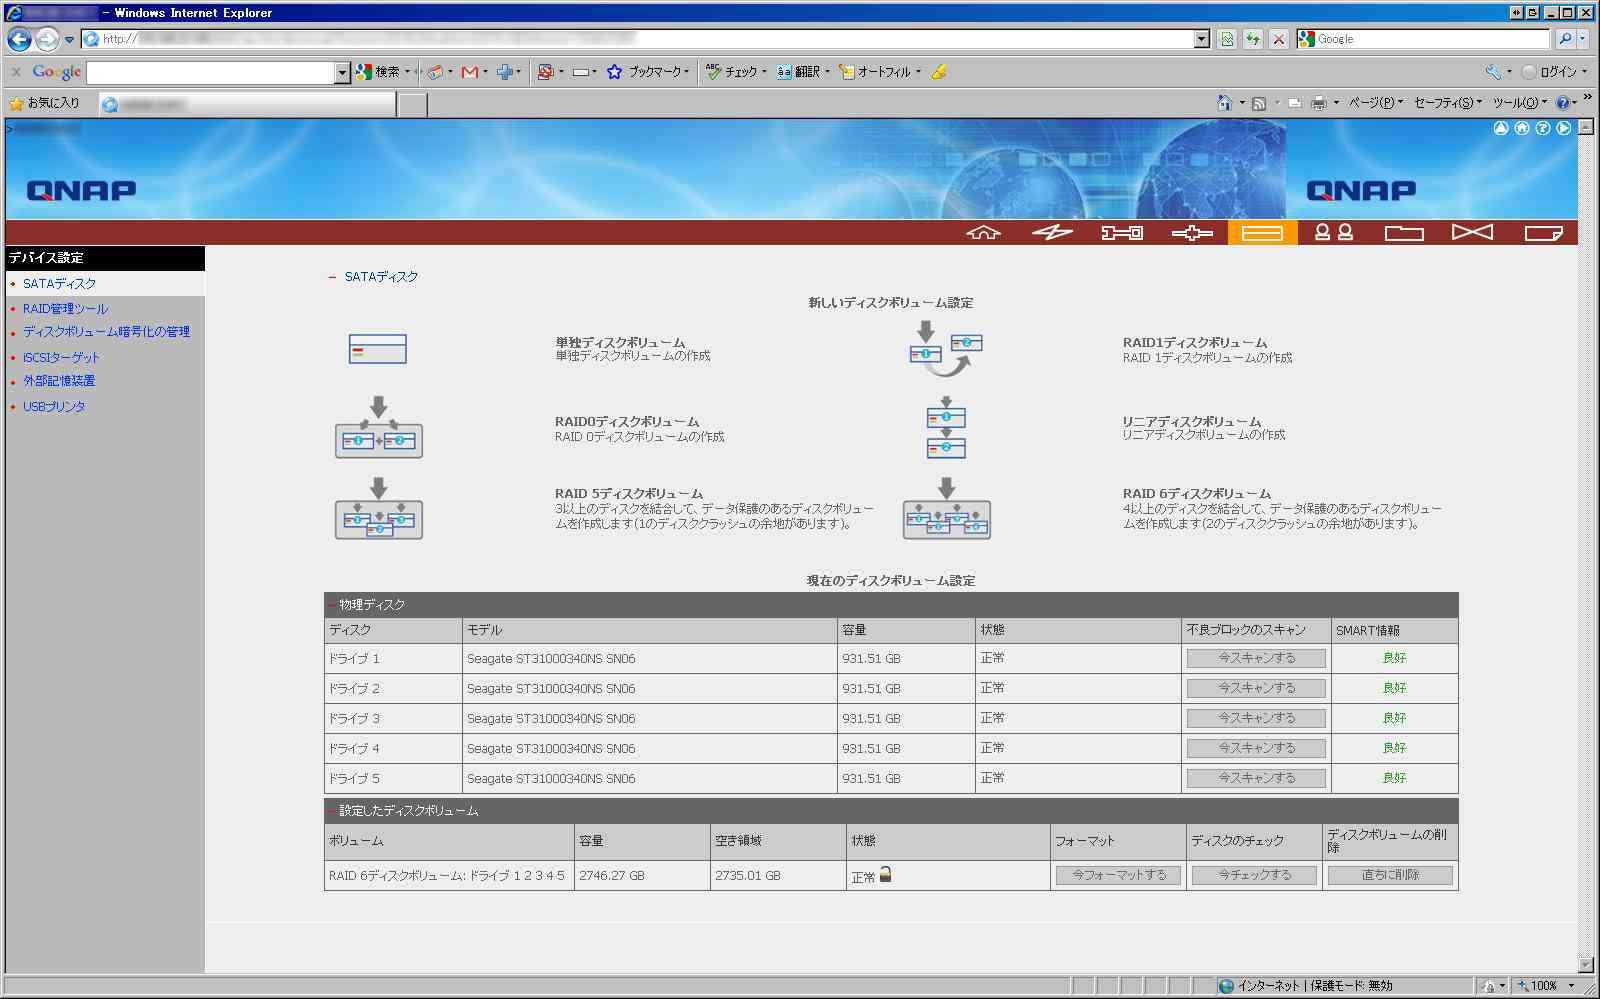 QNAP TS-509 pro、WebUIの一例